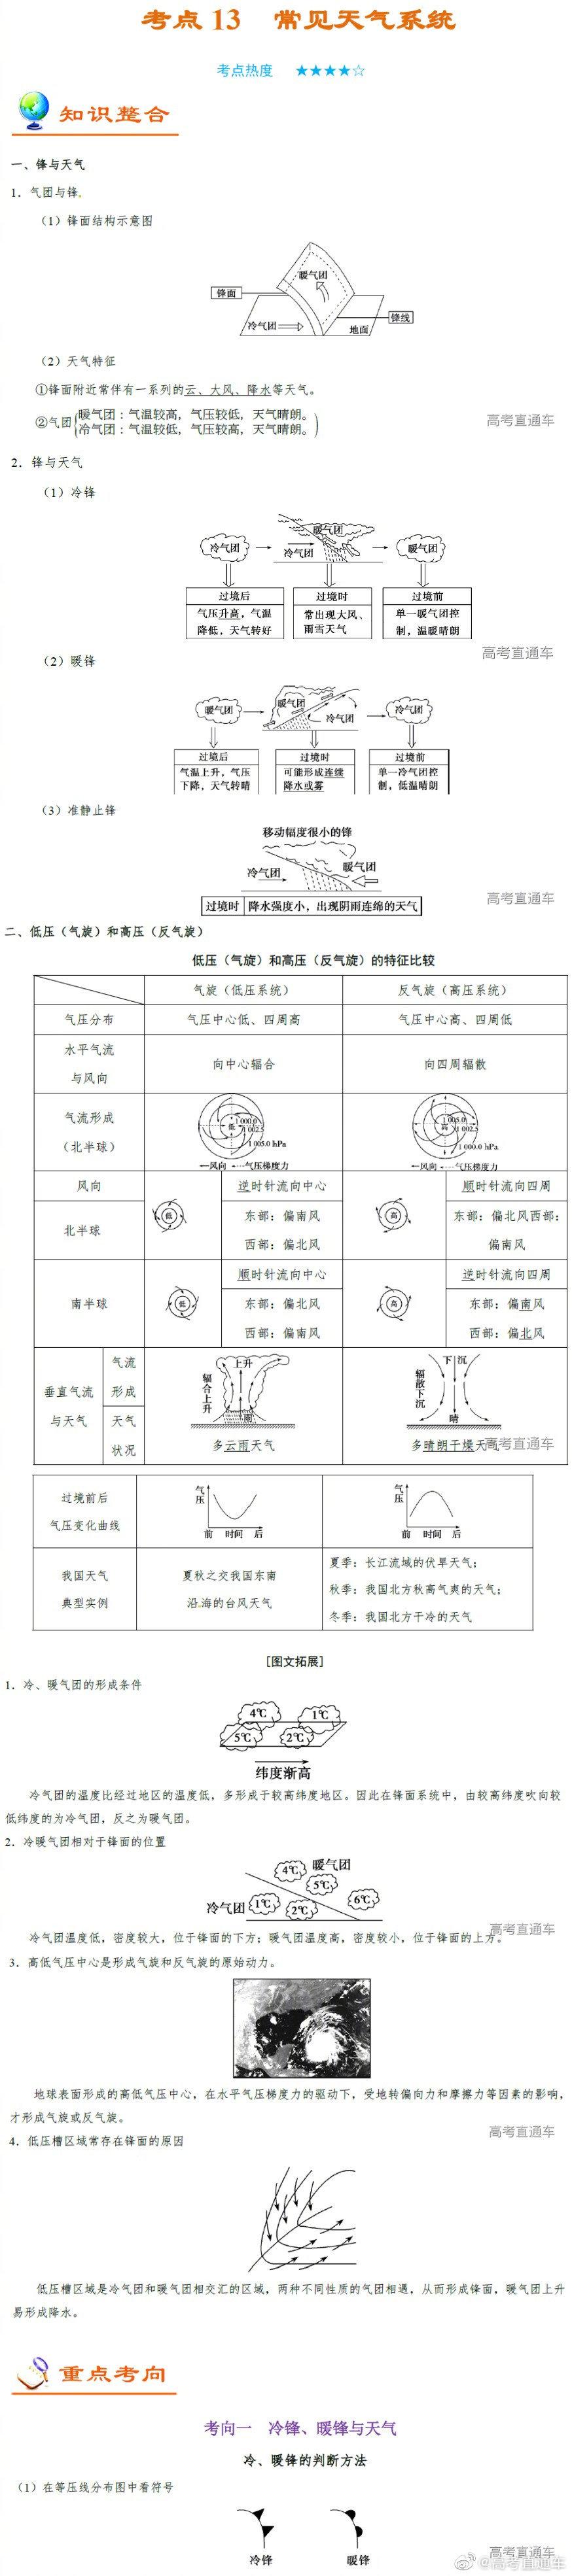 地理纠错专题:天气系统(考点热度★★★★☆)